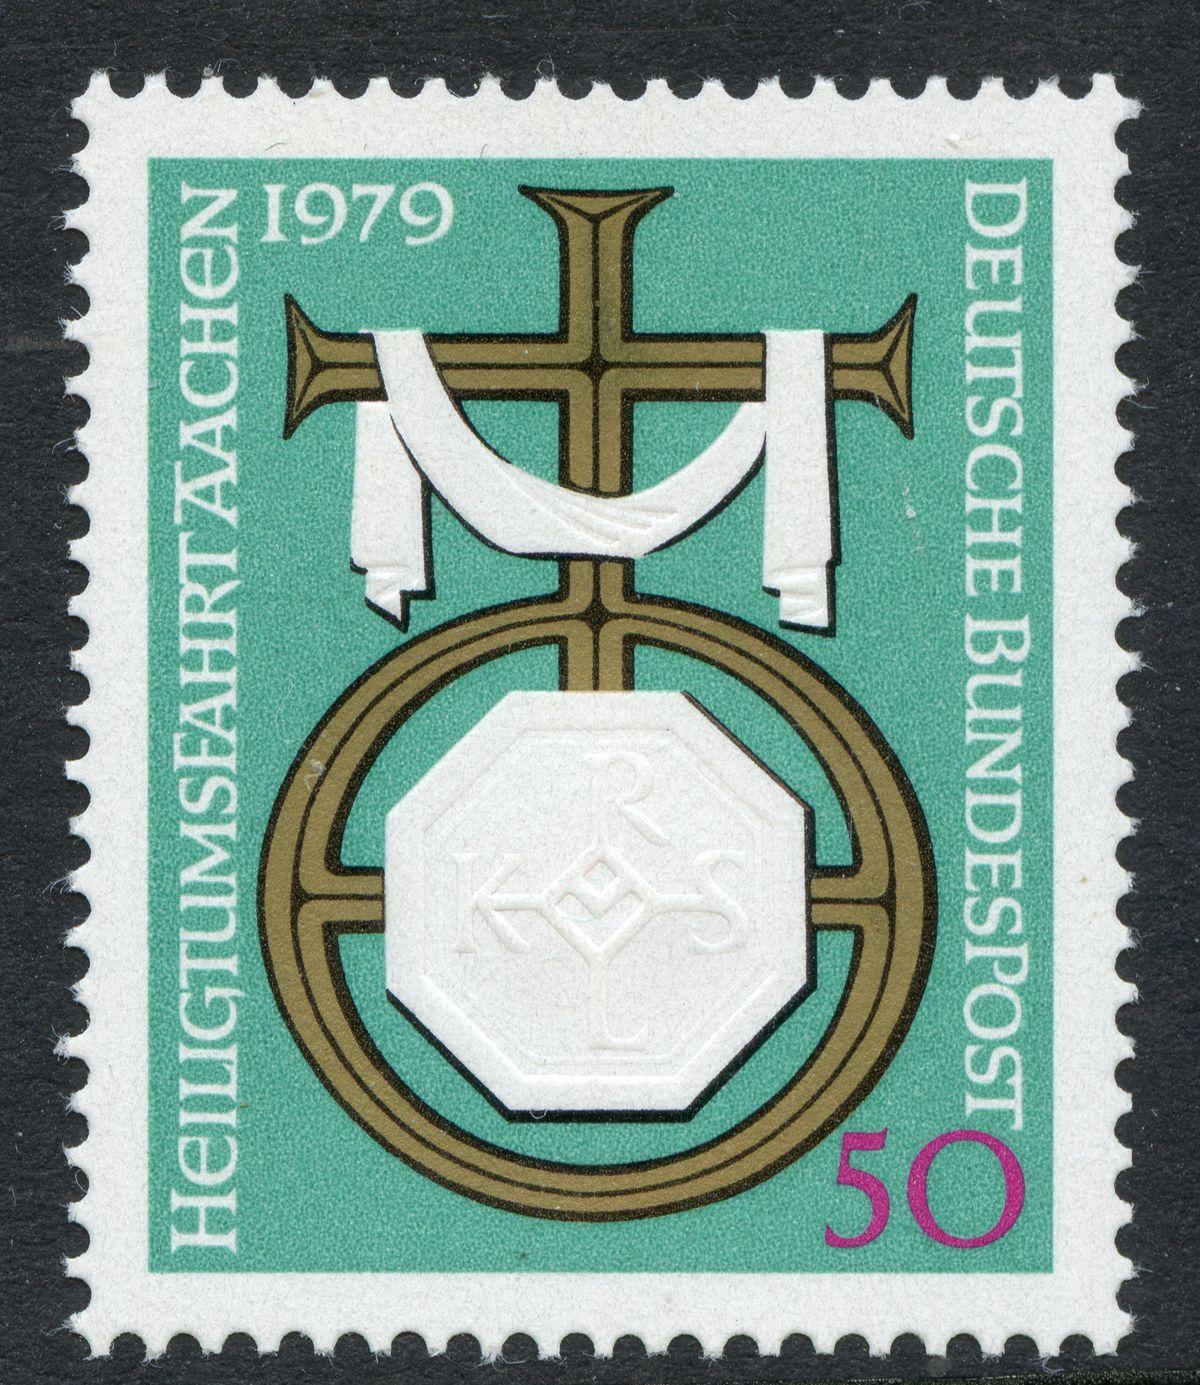 Prägedruck 1860-1900 in der Schweiz und in den deutschen Staaten De_1979_aachenx00